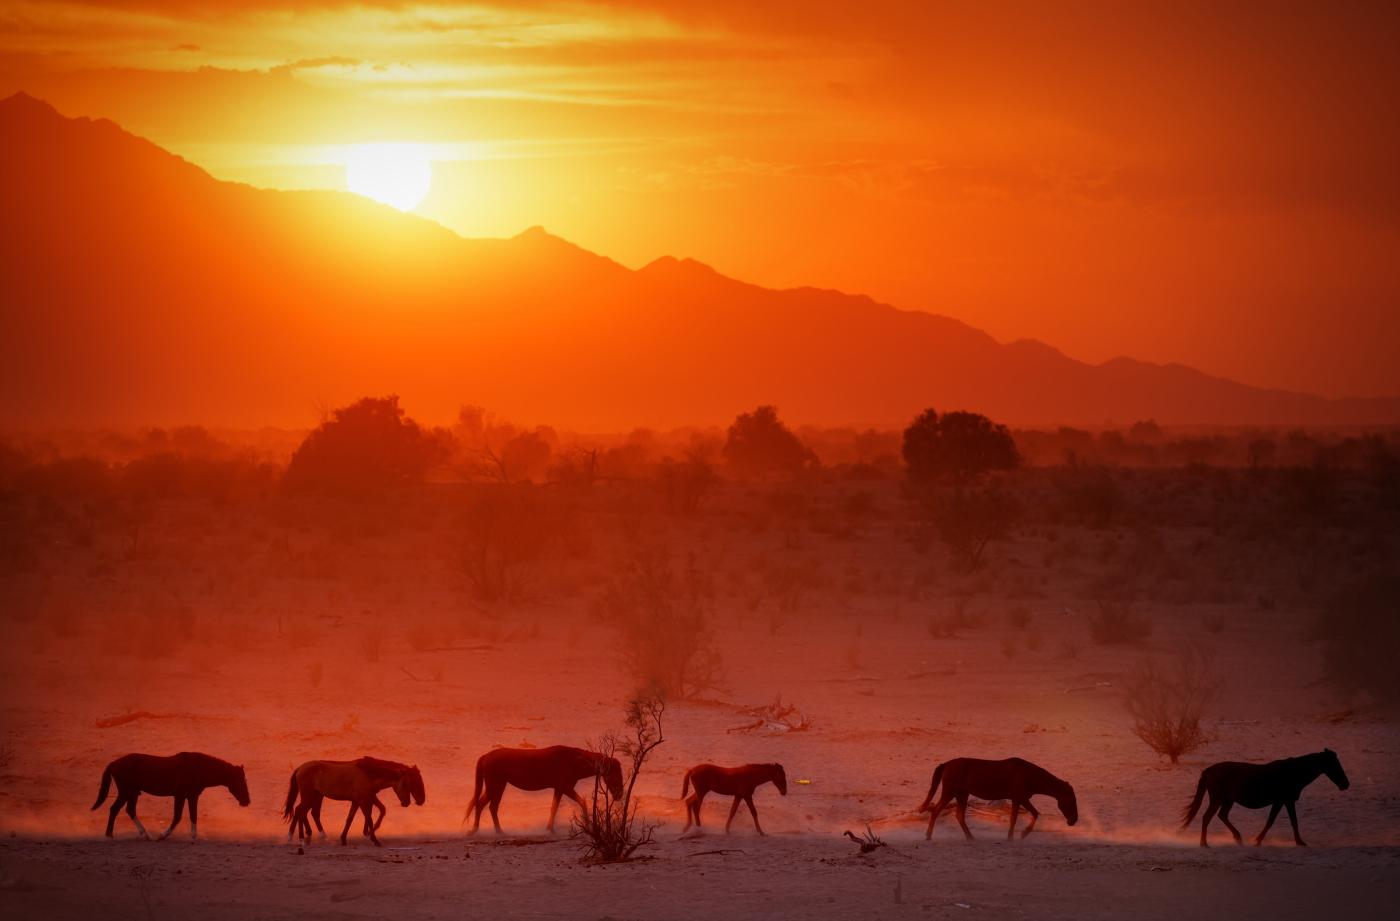 Gila River, Arizona - Wild Horses